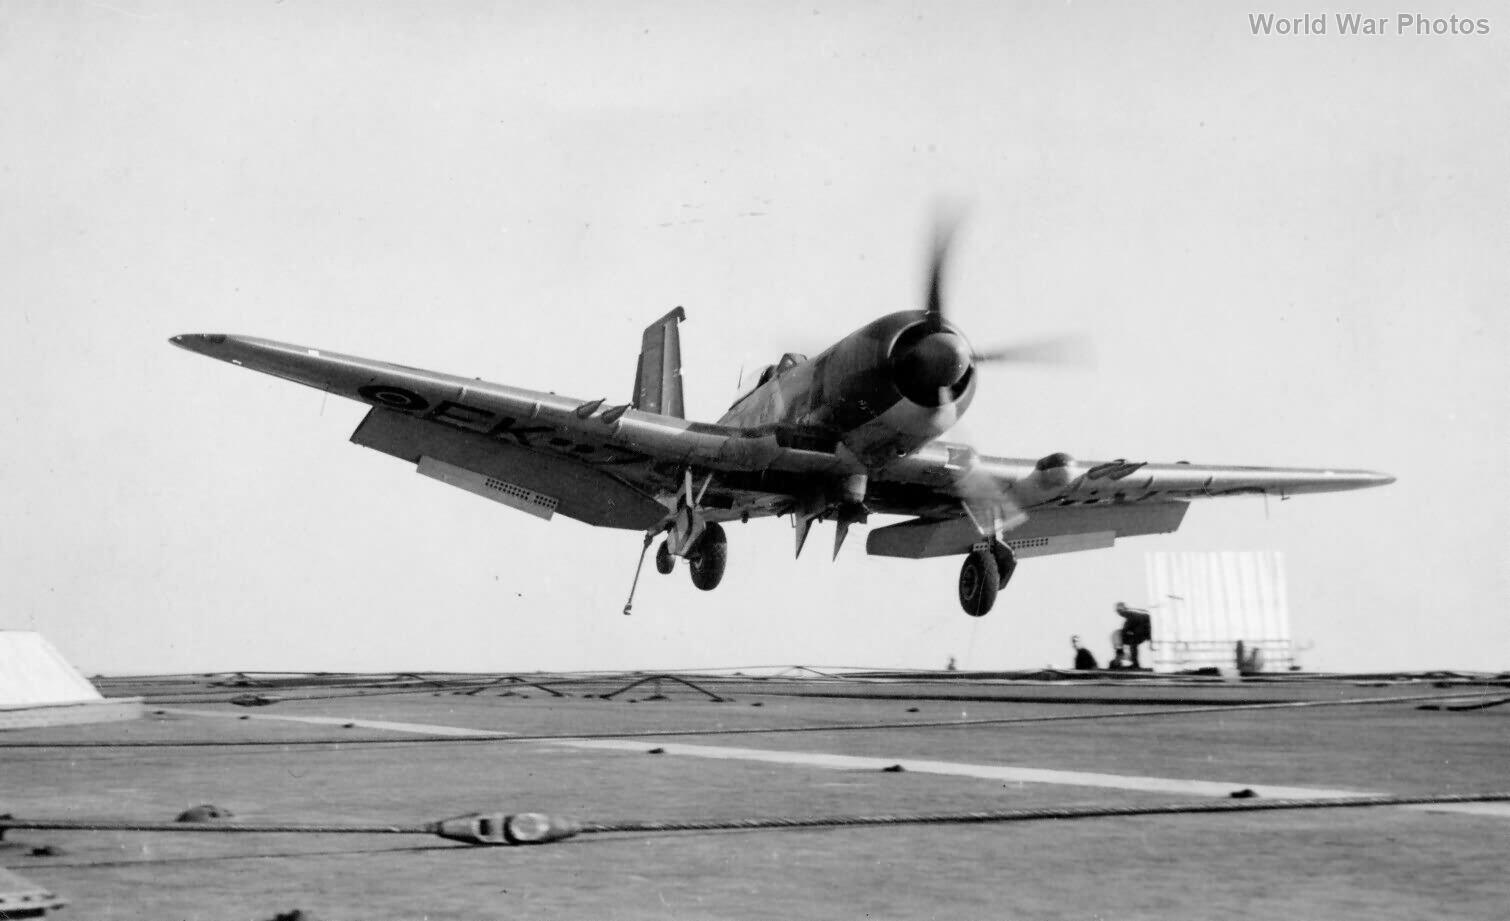 Blackburn Firebrand TF5 HMS Illustrious